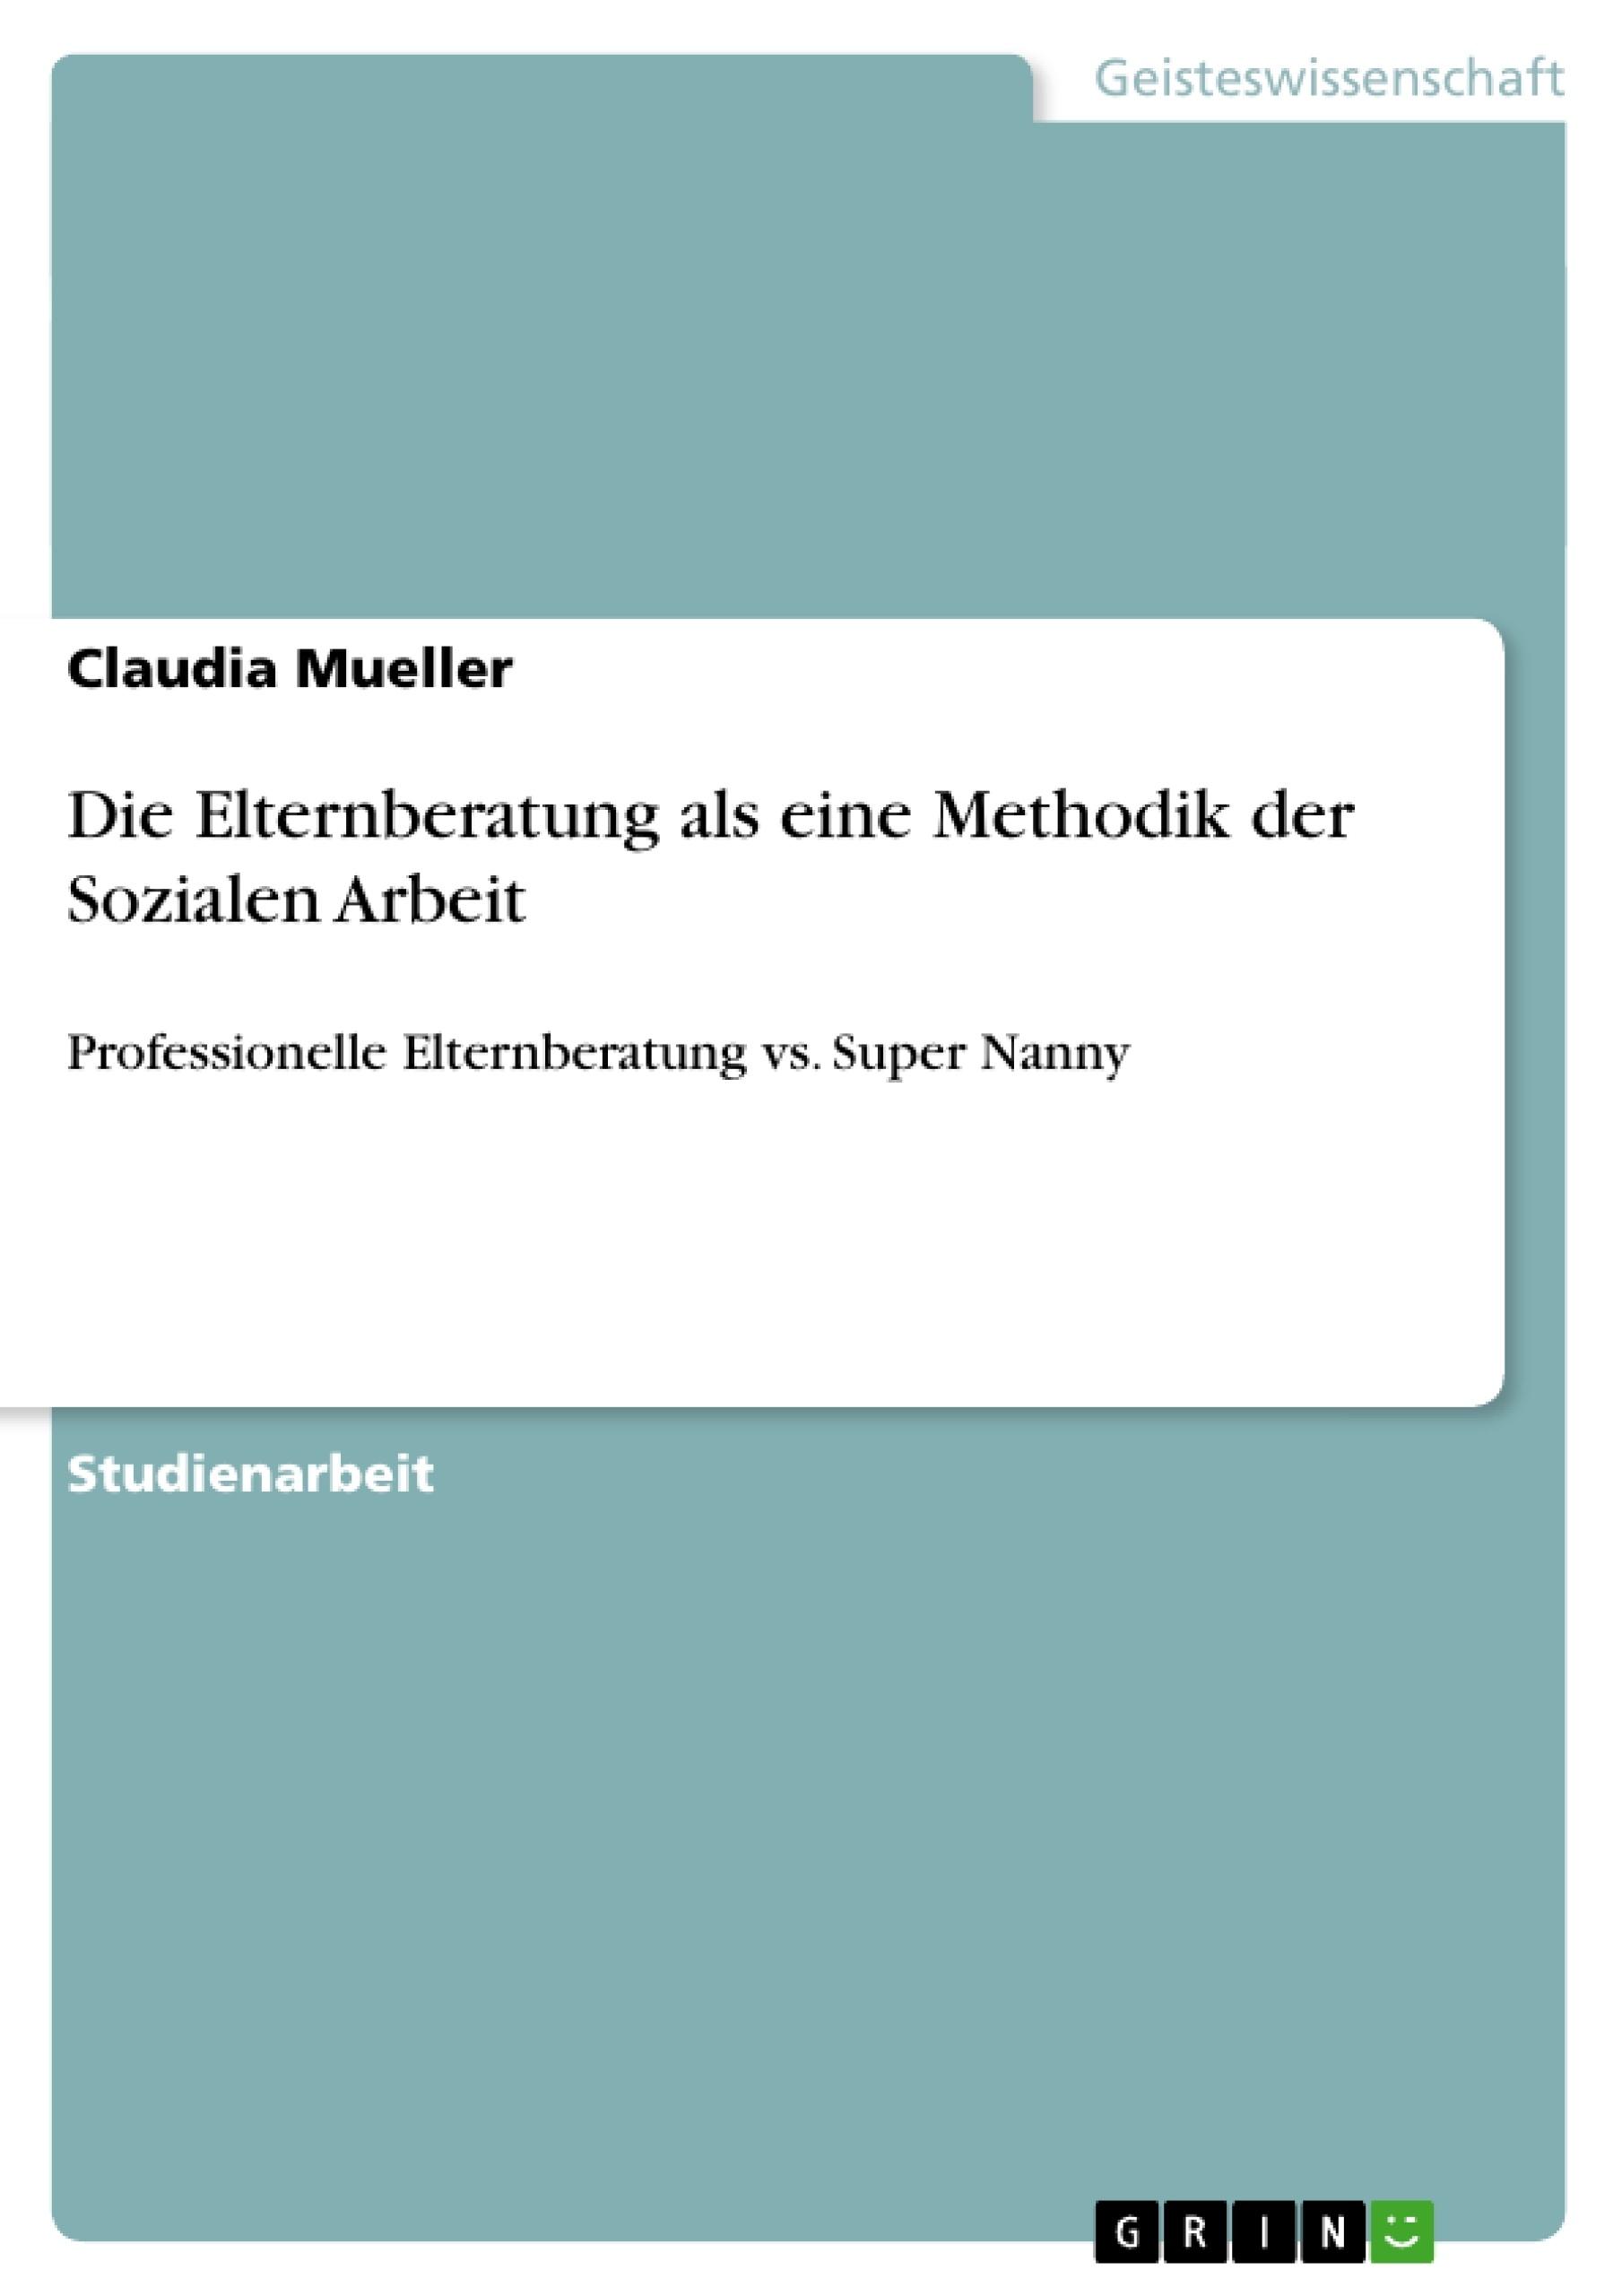 Titel: Die Elternberatung als eine Methodik der Sozialen Arbeit